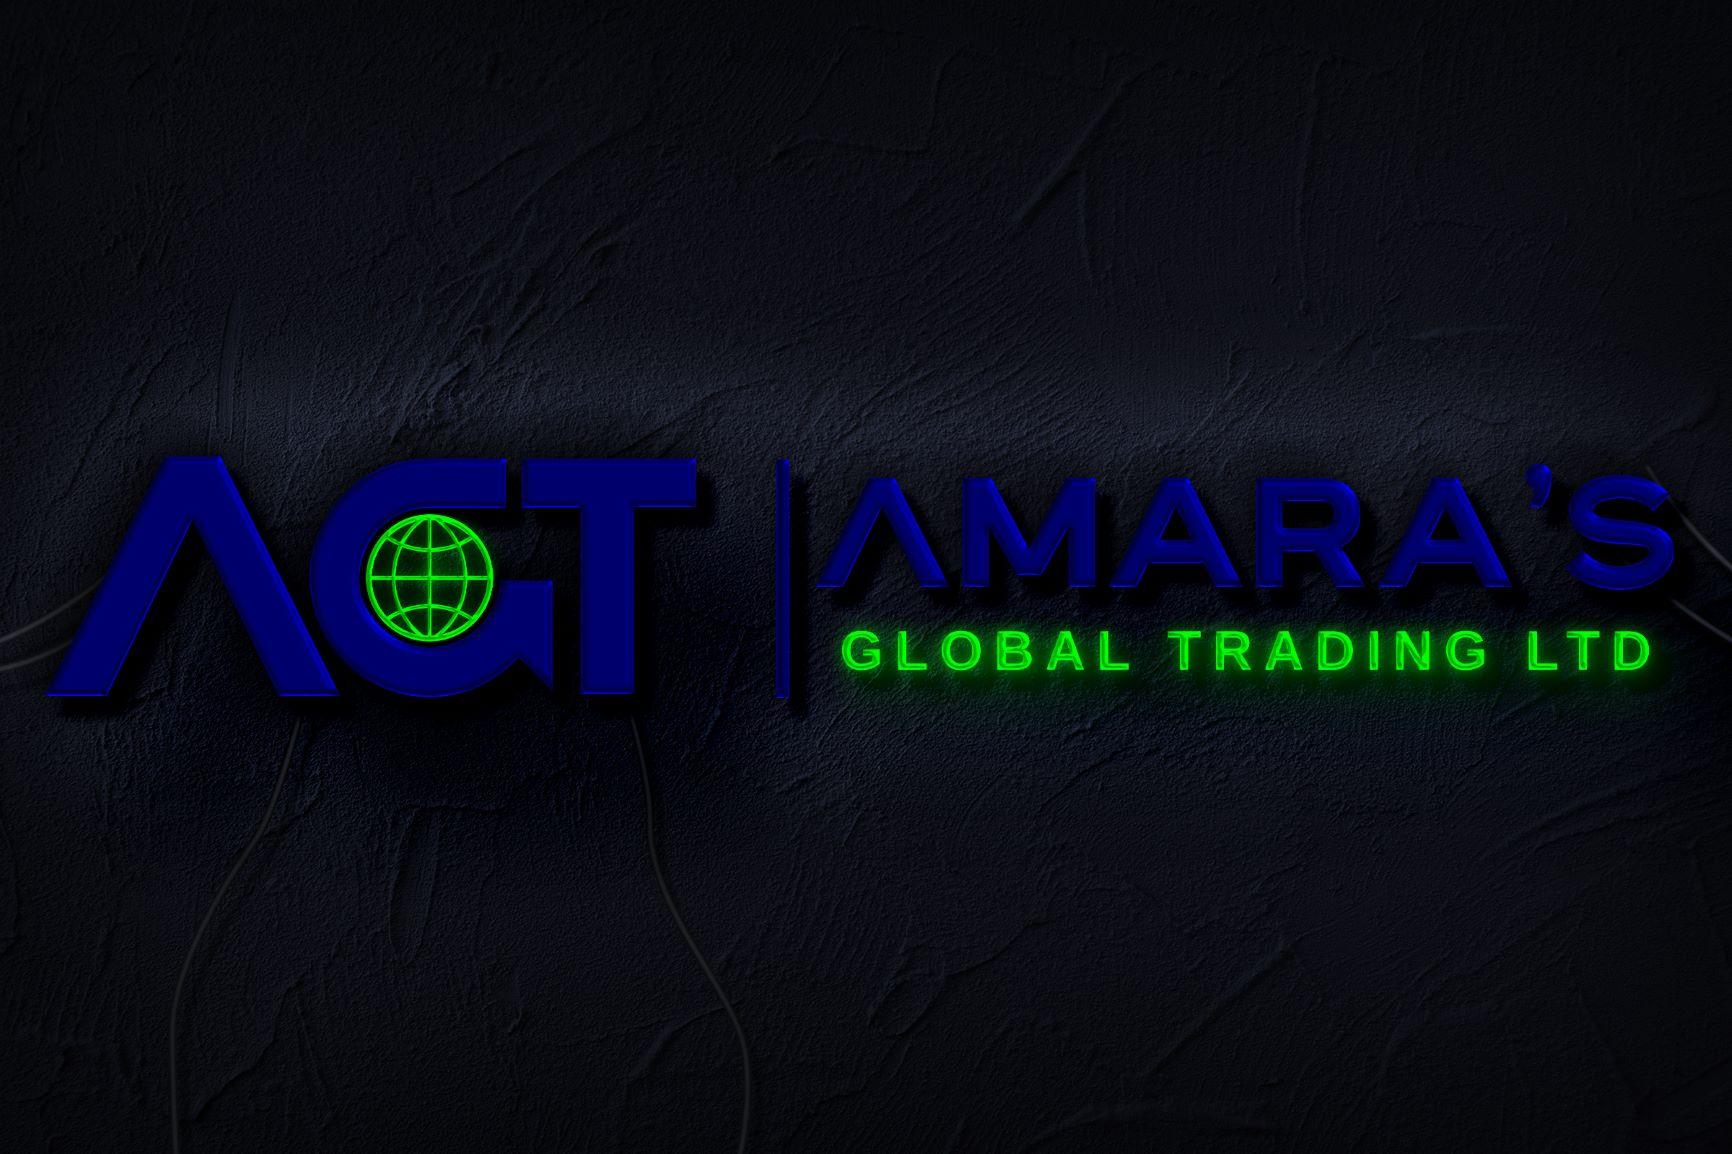 AMARA'S GLOBAL TRADING LTD